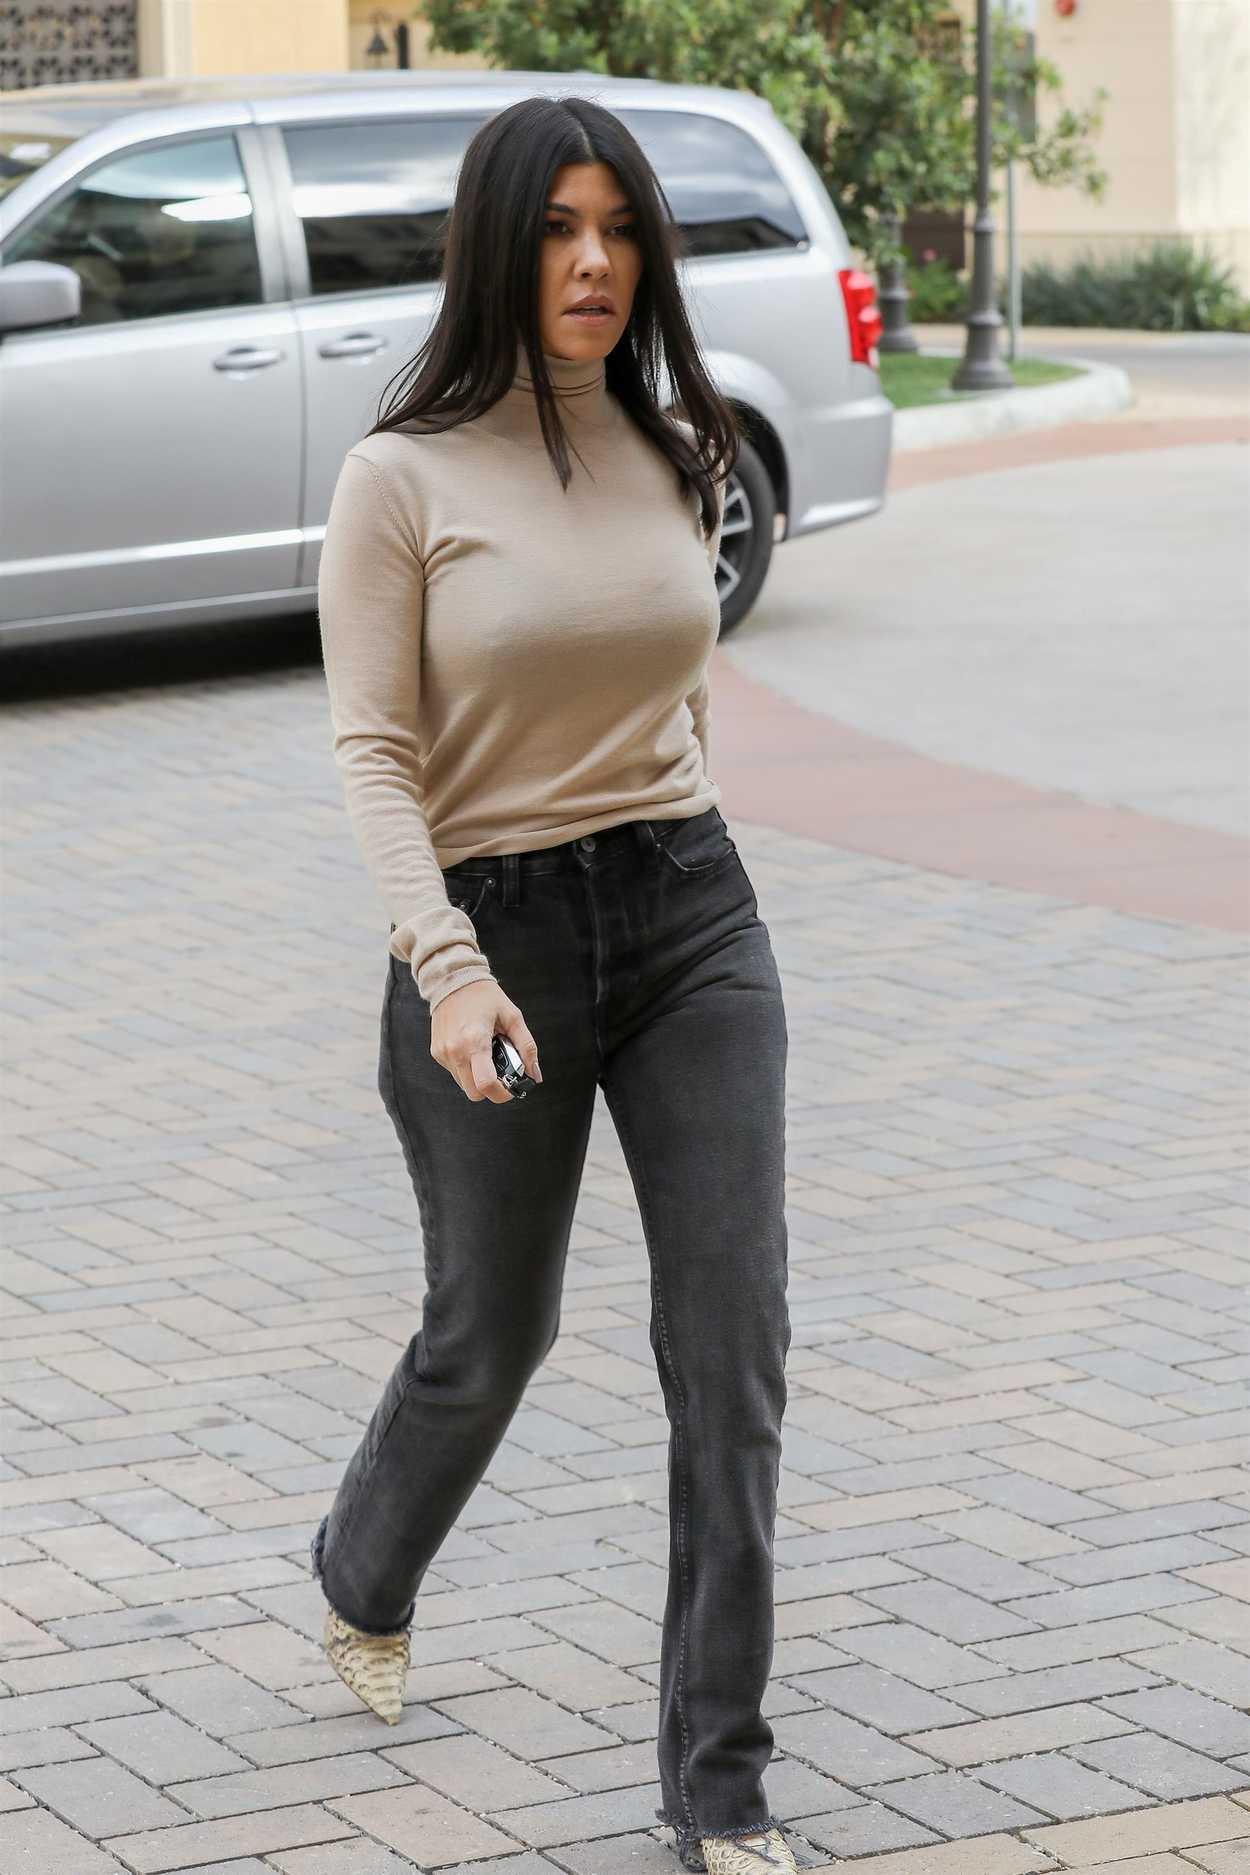 Kourtney Kardashian In A Beige Turtleneck Was Seen Out In